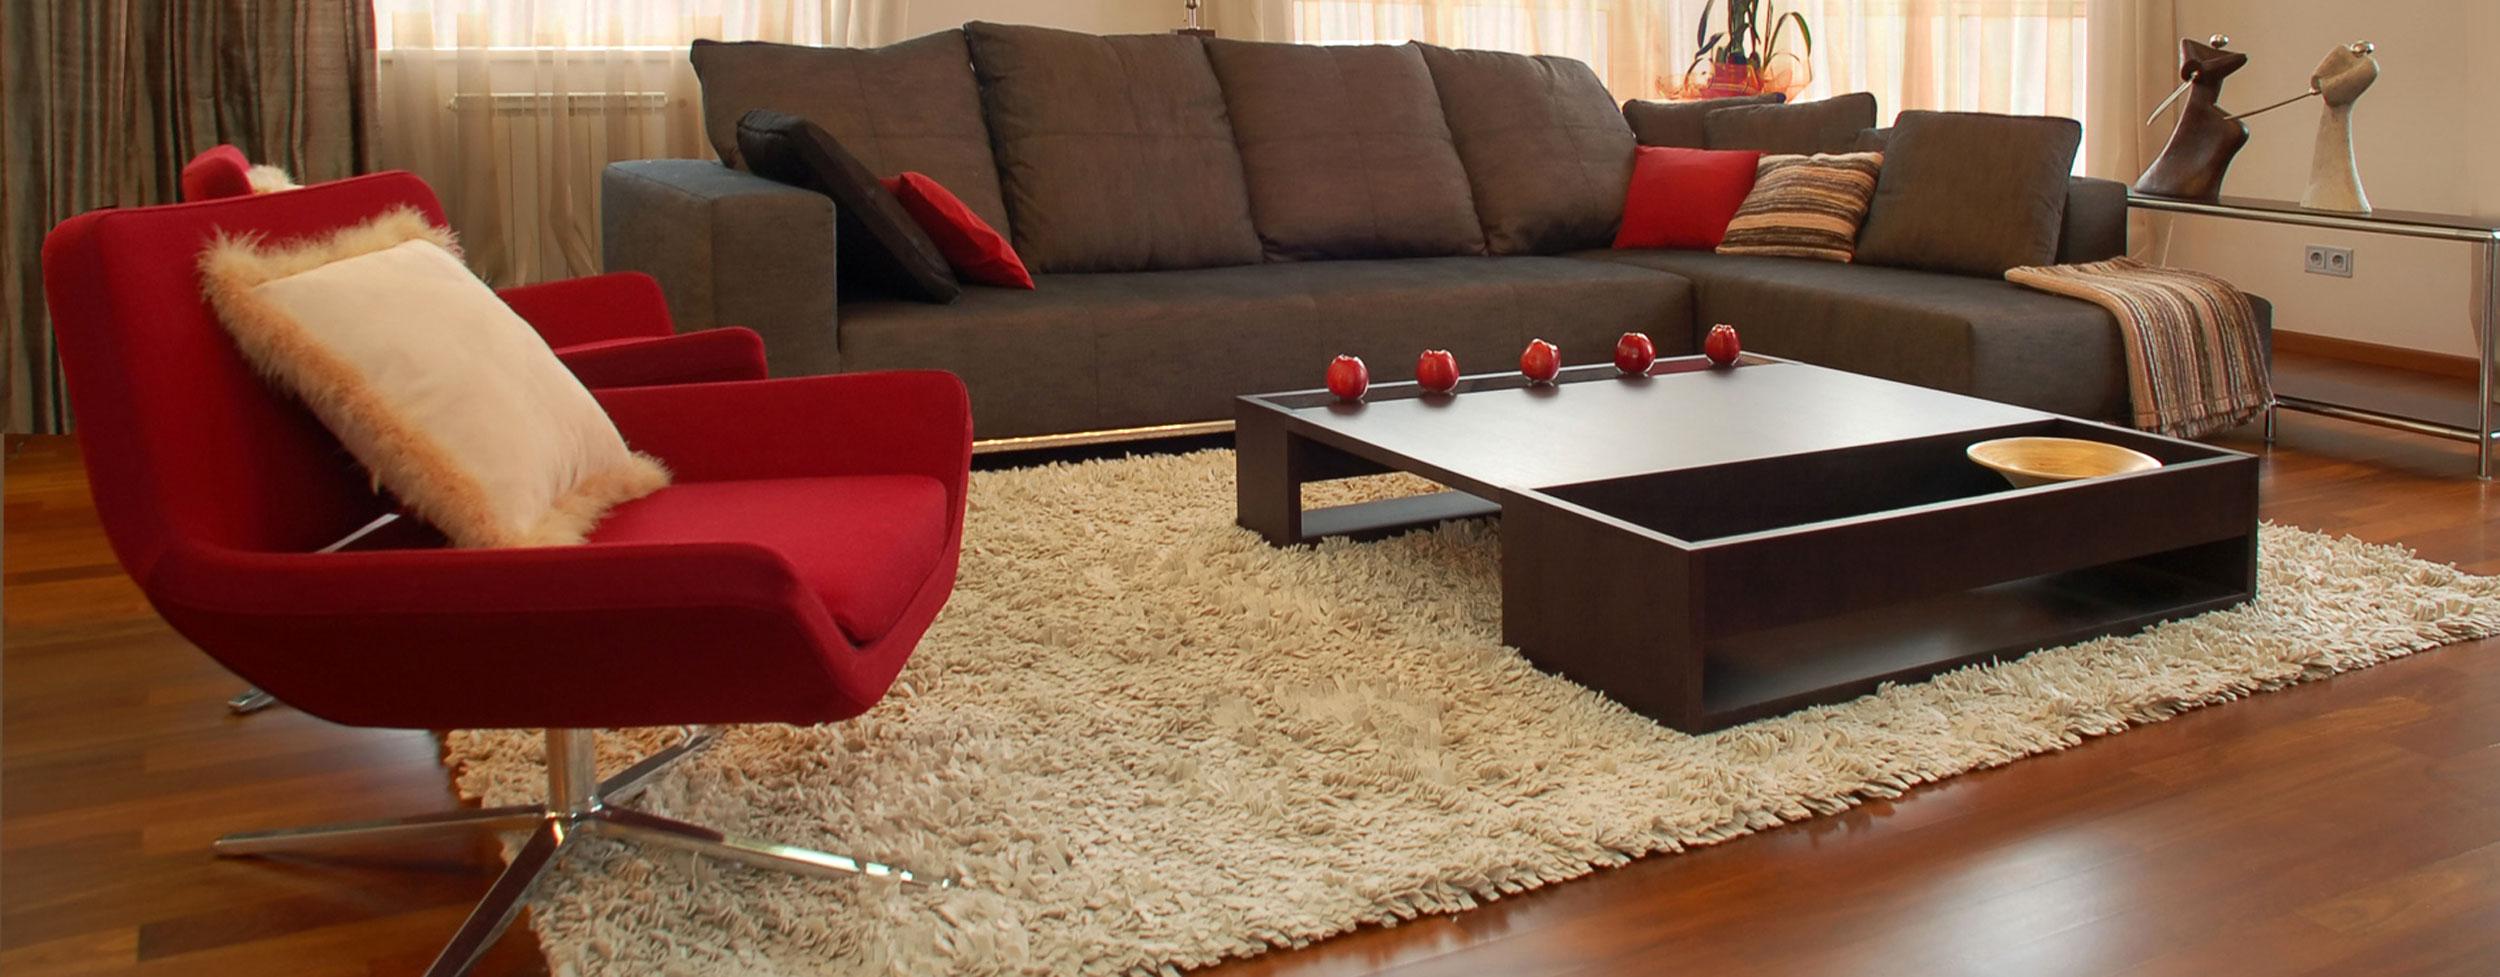 Los muebles usados otra opci n para decorar su casa el for Muebles usados en lima